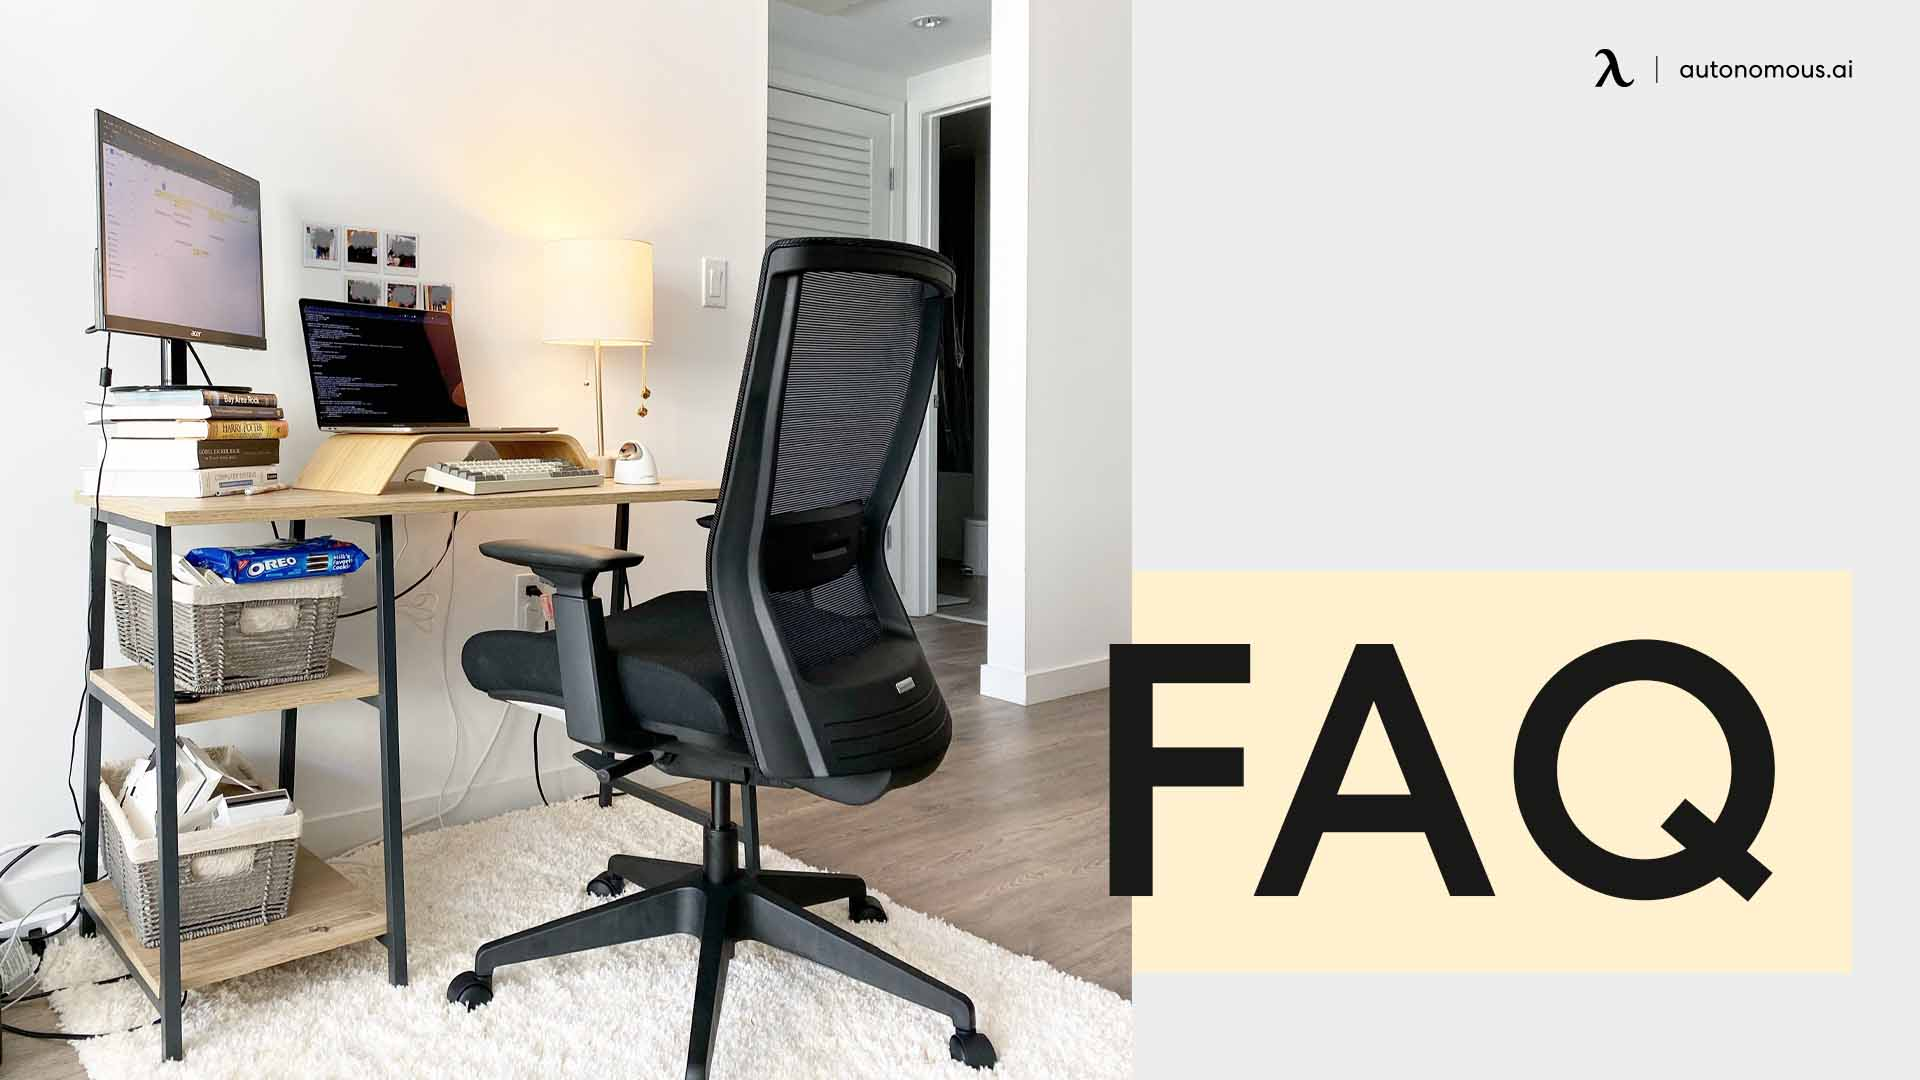 Ergonomic chair for freelancer